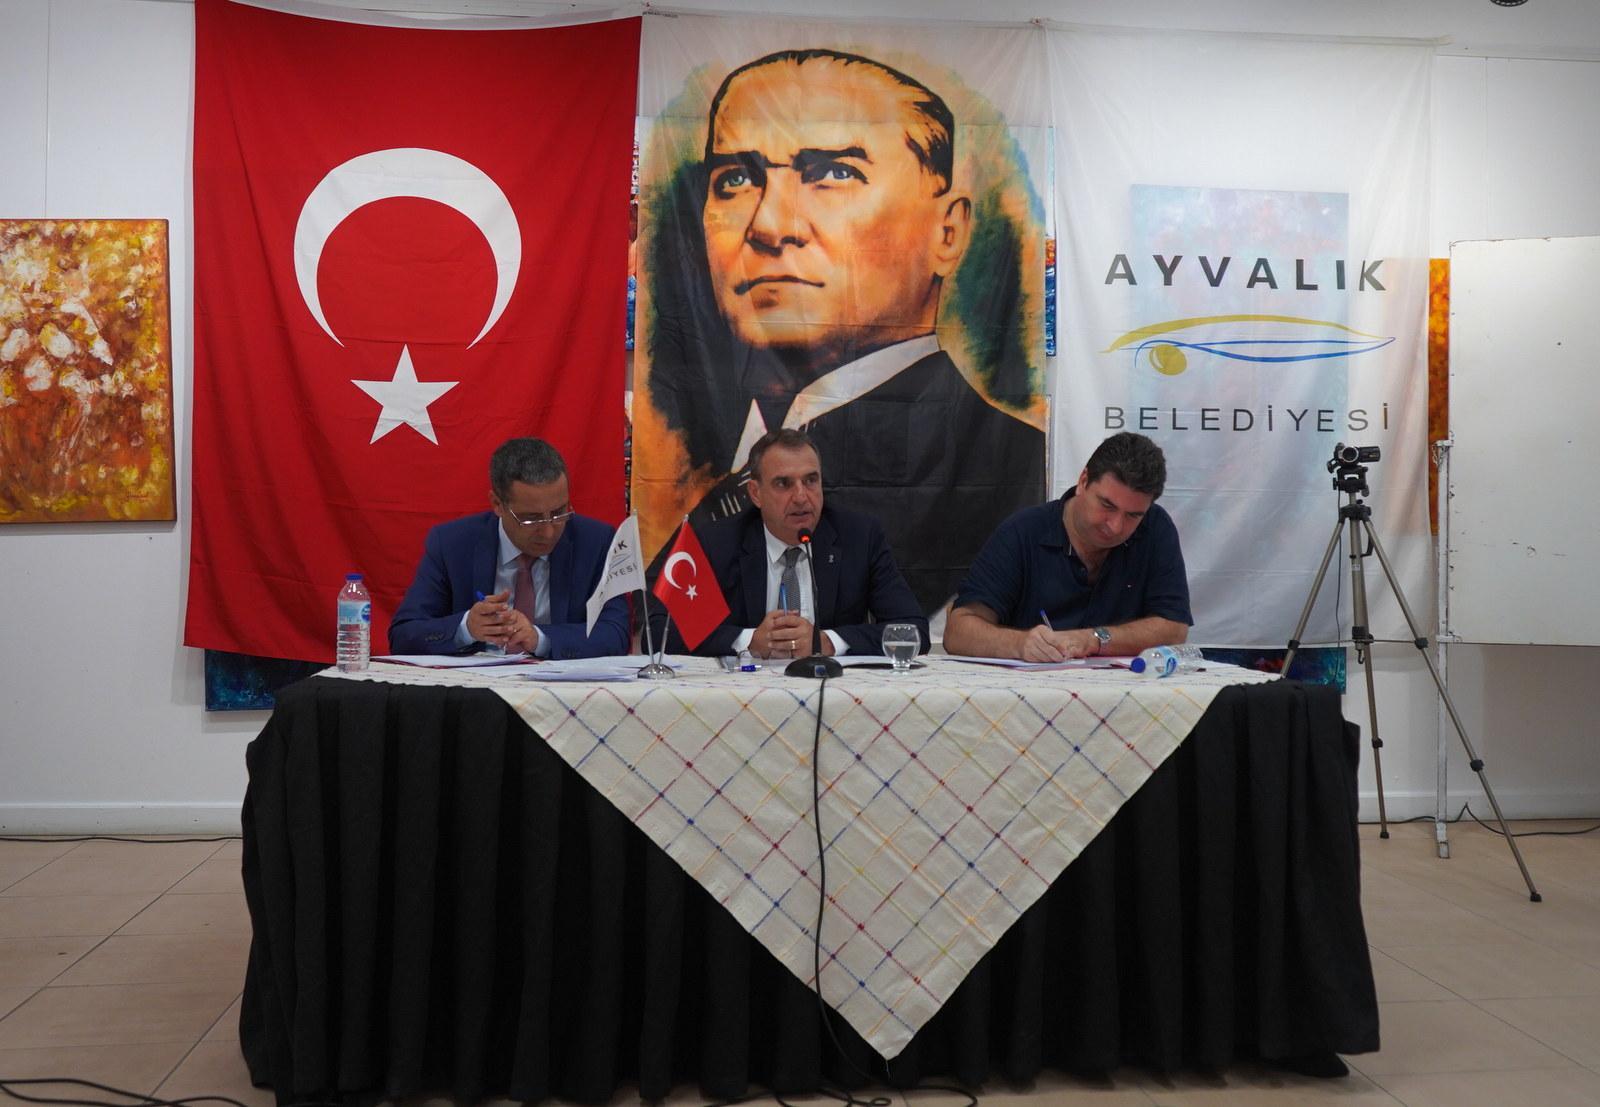 BAŞKAN RAHMİ GENÇER, AYVALIK'A ÖZEL HASTANE KAZANDIRIYOR